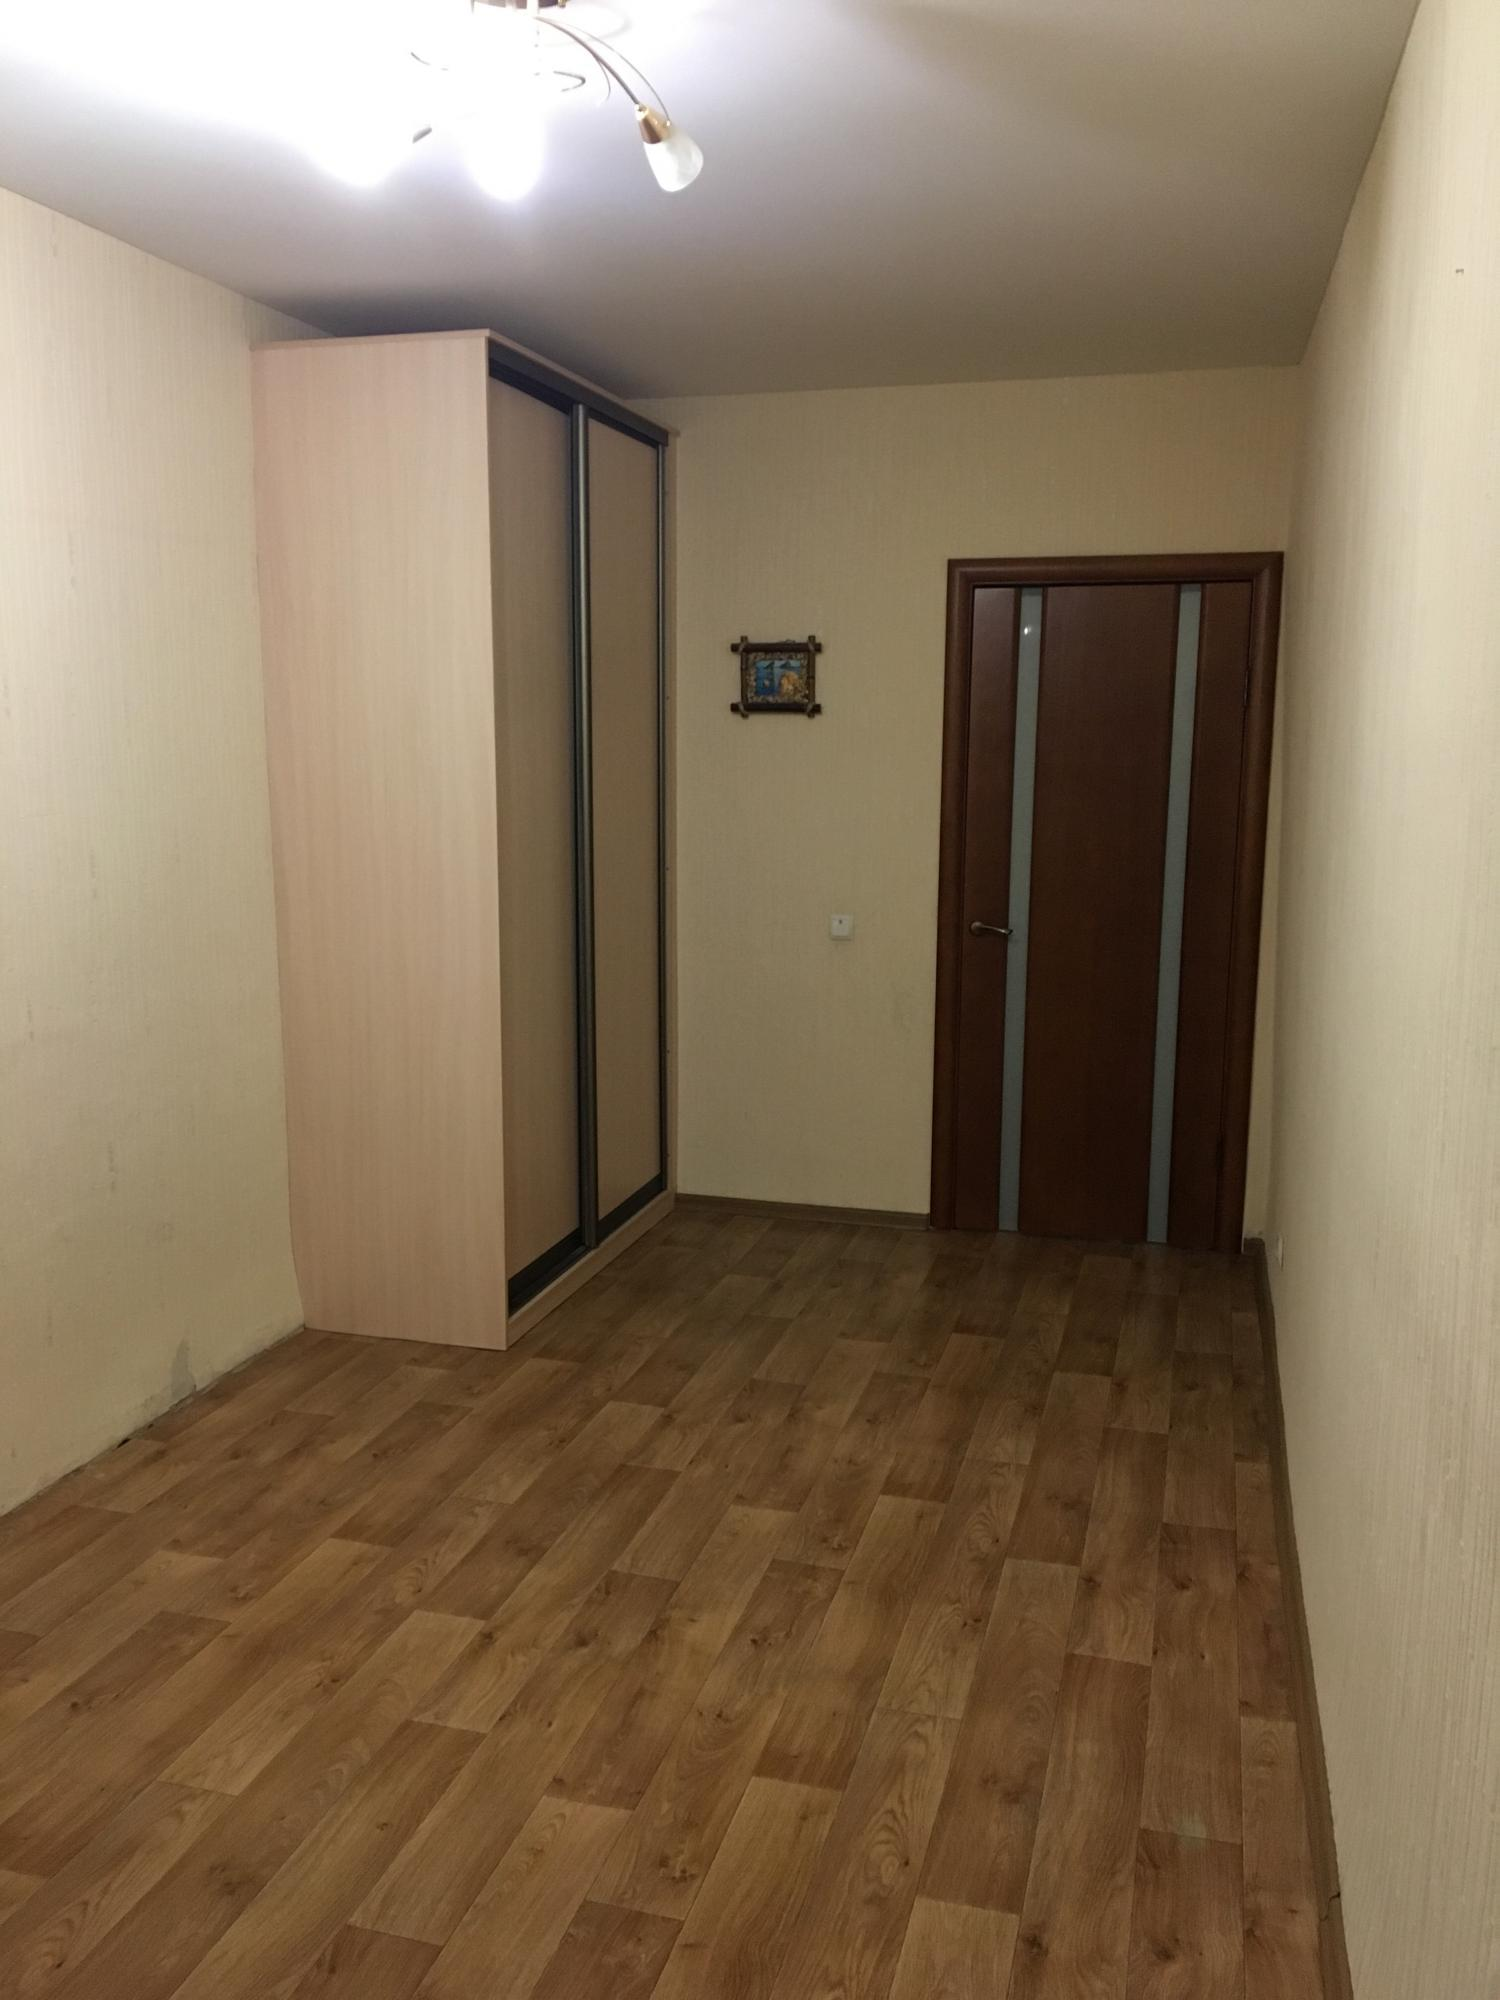 Аренда 3-комнатной квартиры, г. Тольятти, Мира улица  дом 154